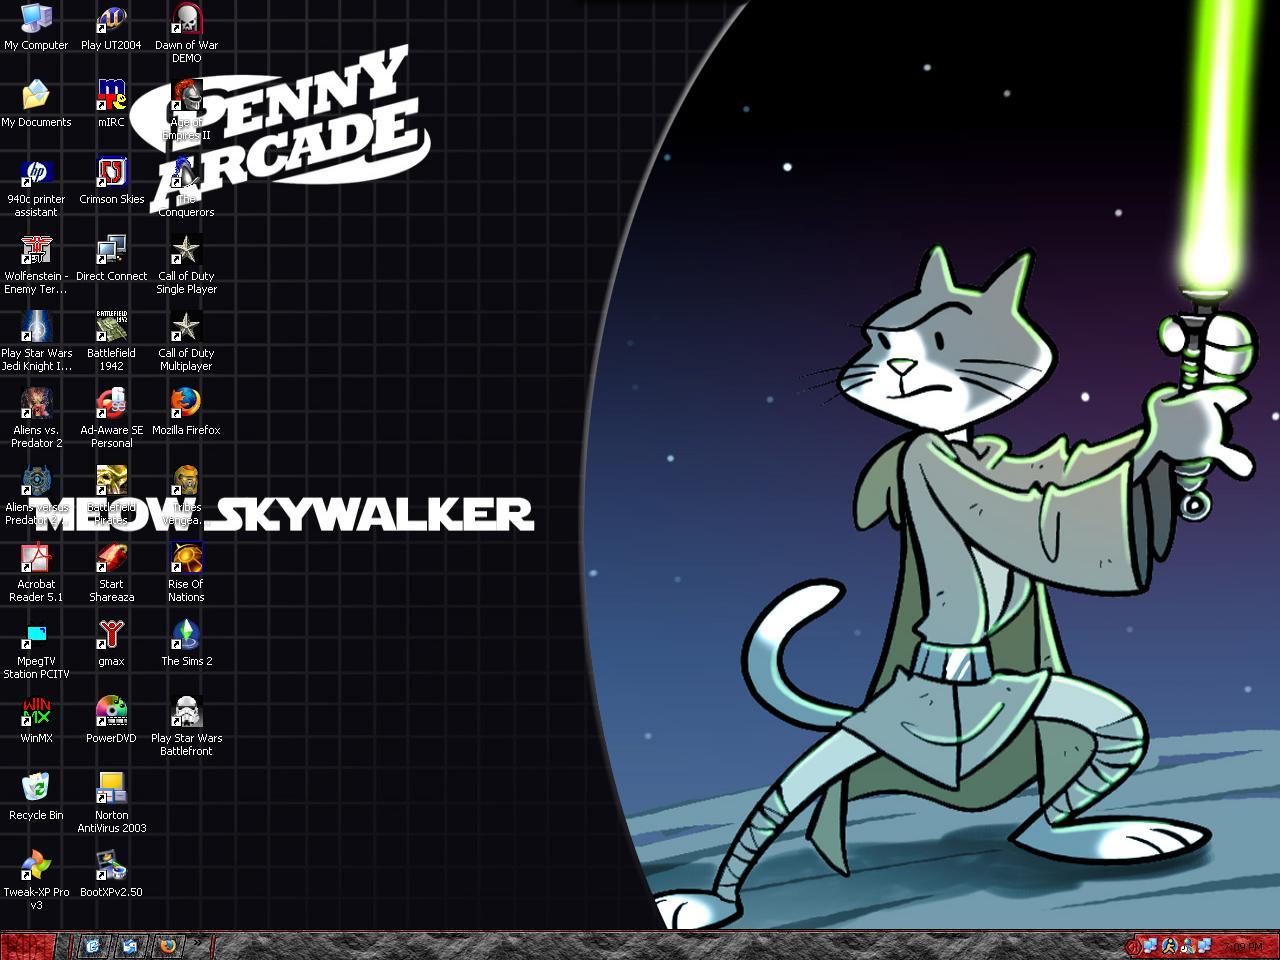 Allegiance - Meow Skywalker